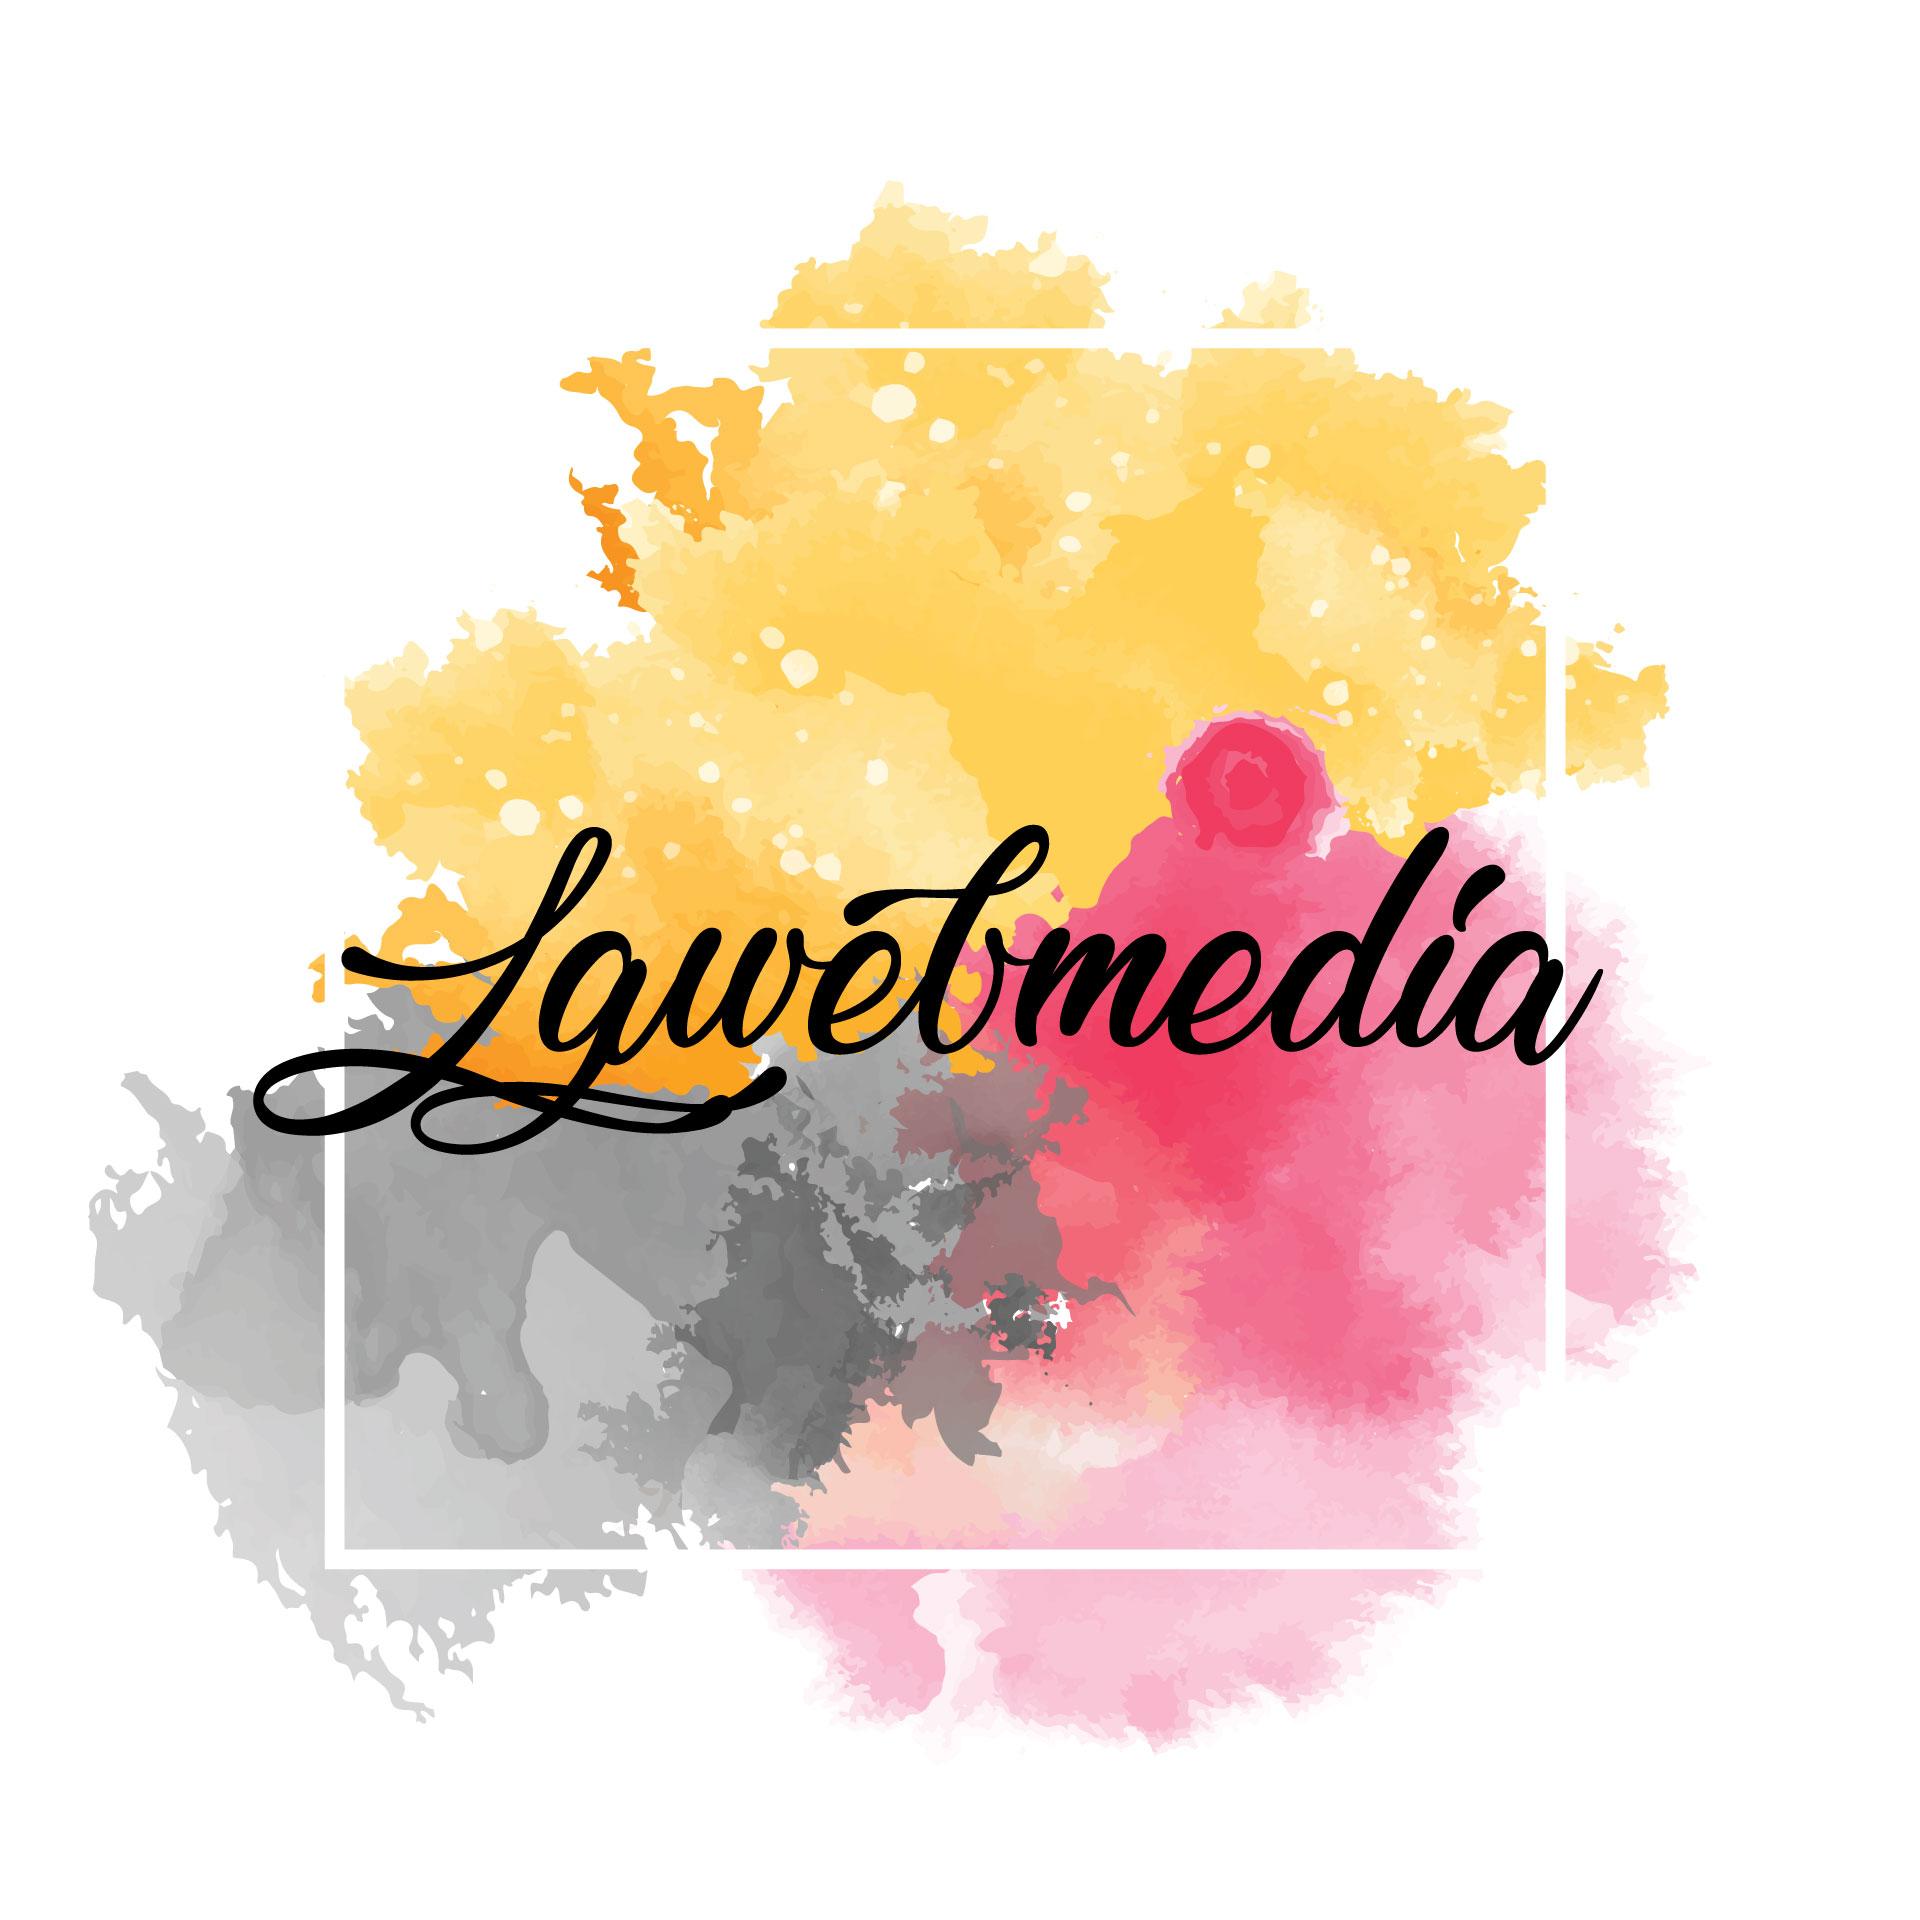 Lgwebmedia